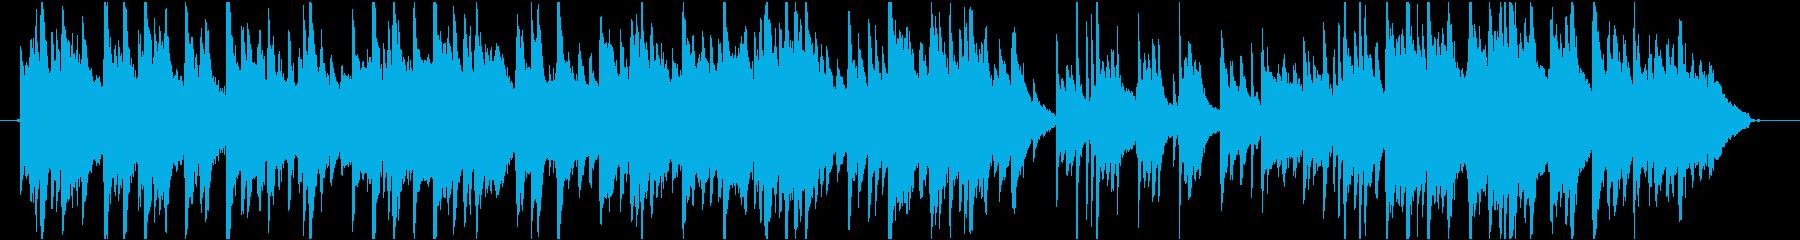 ヒーリングピアノBGM・鳥のさえずり入りの再生済みの波形